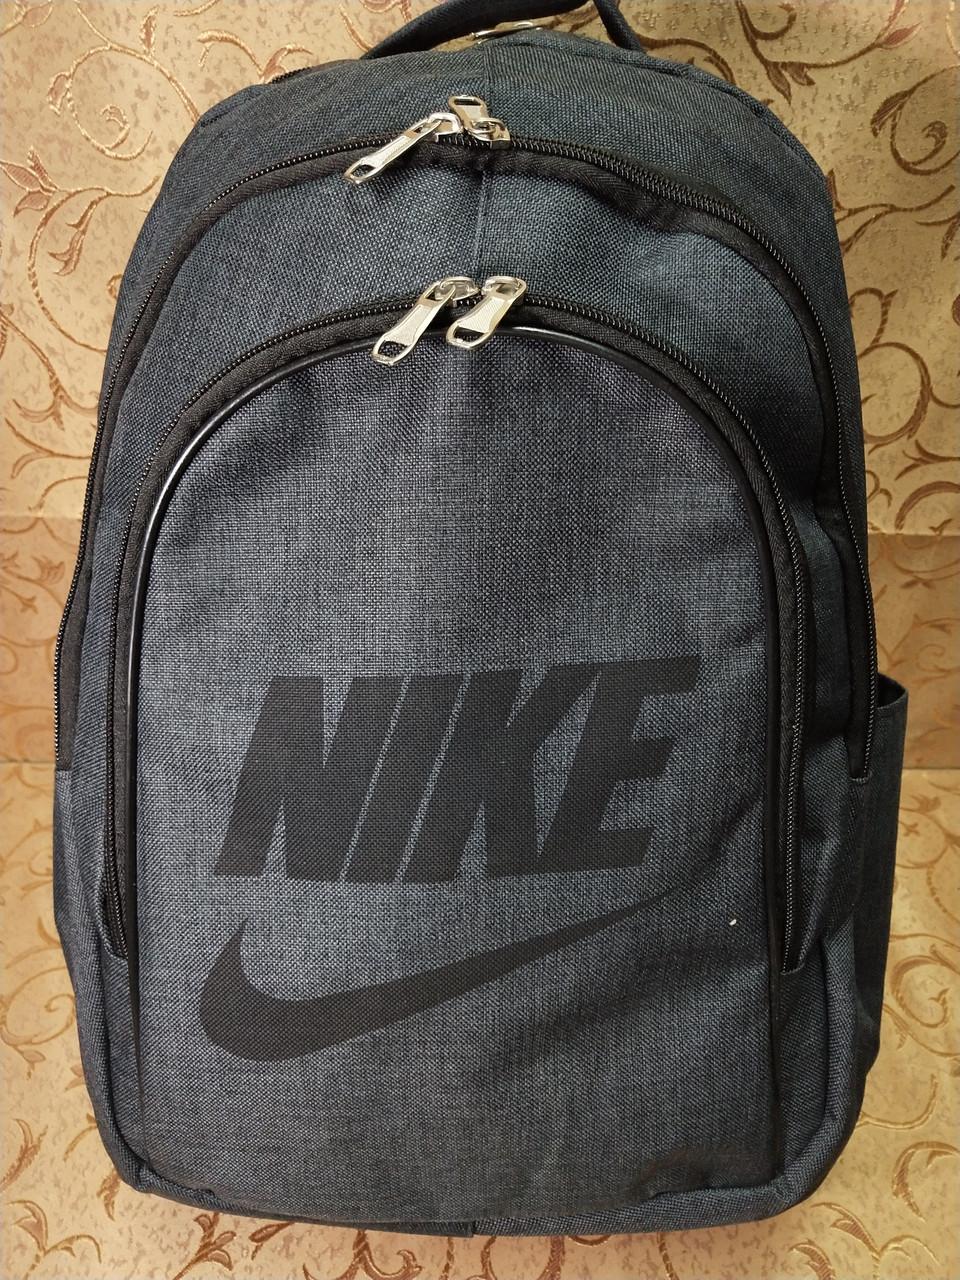 Рюкзак nike 3 отдела большой Мессенджер спорт спортивный городской Школьный рюкзак стильный только опт